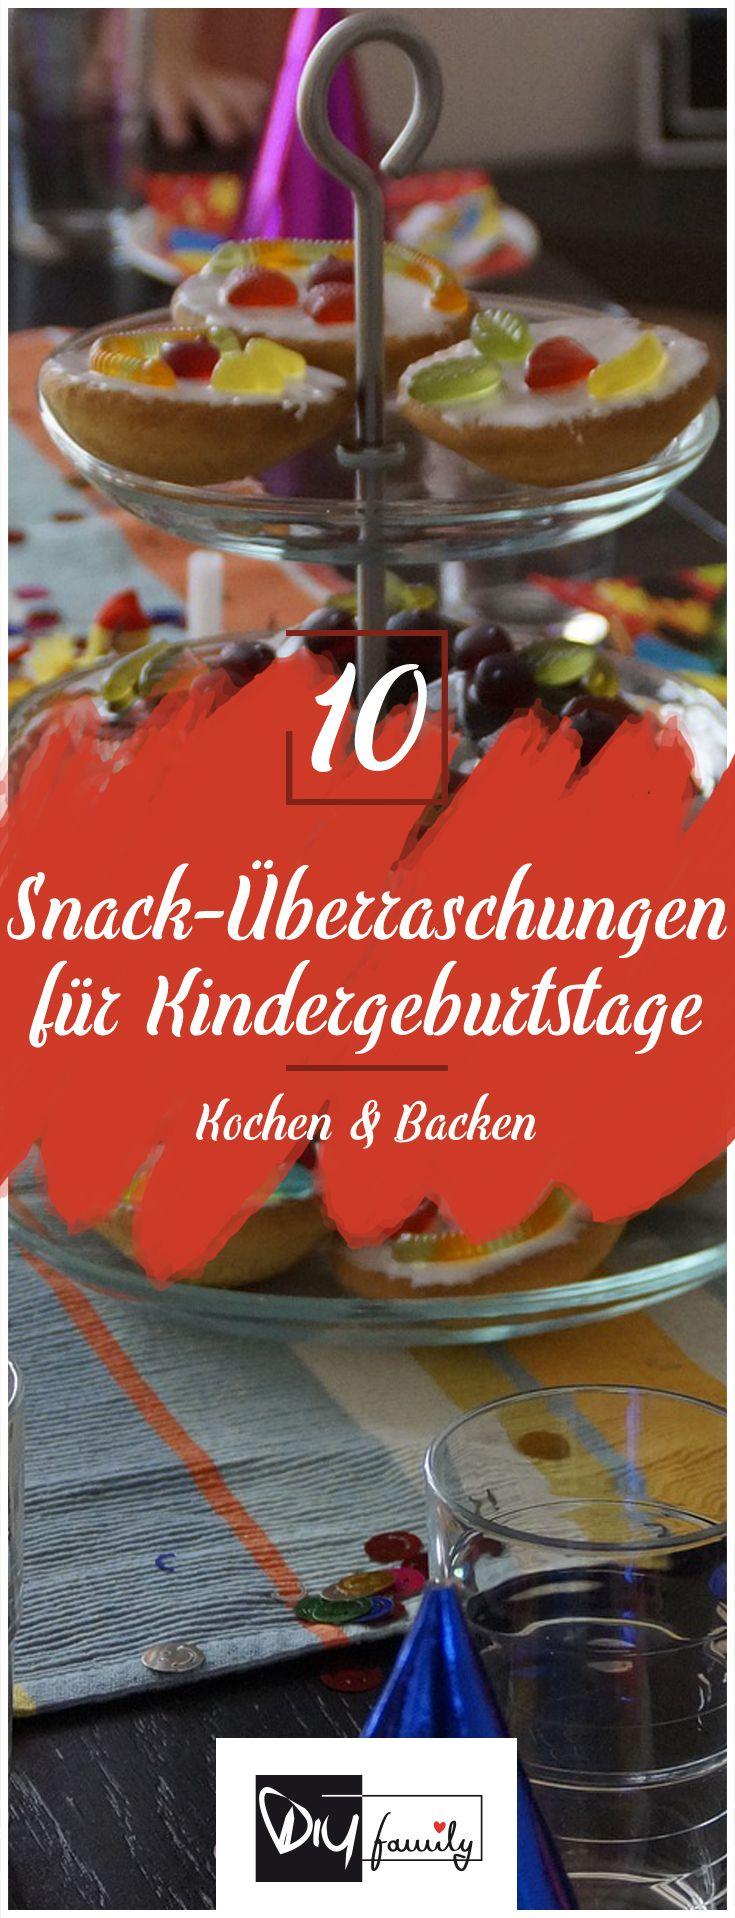 Die 10 coolsten Snack-Überraschungen für jeden Kindergeburtstag  #birthday, #diy, #deko, #selfmade, #homemade, #fun, #creativ